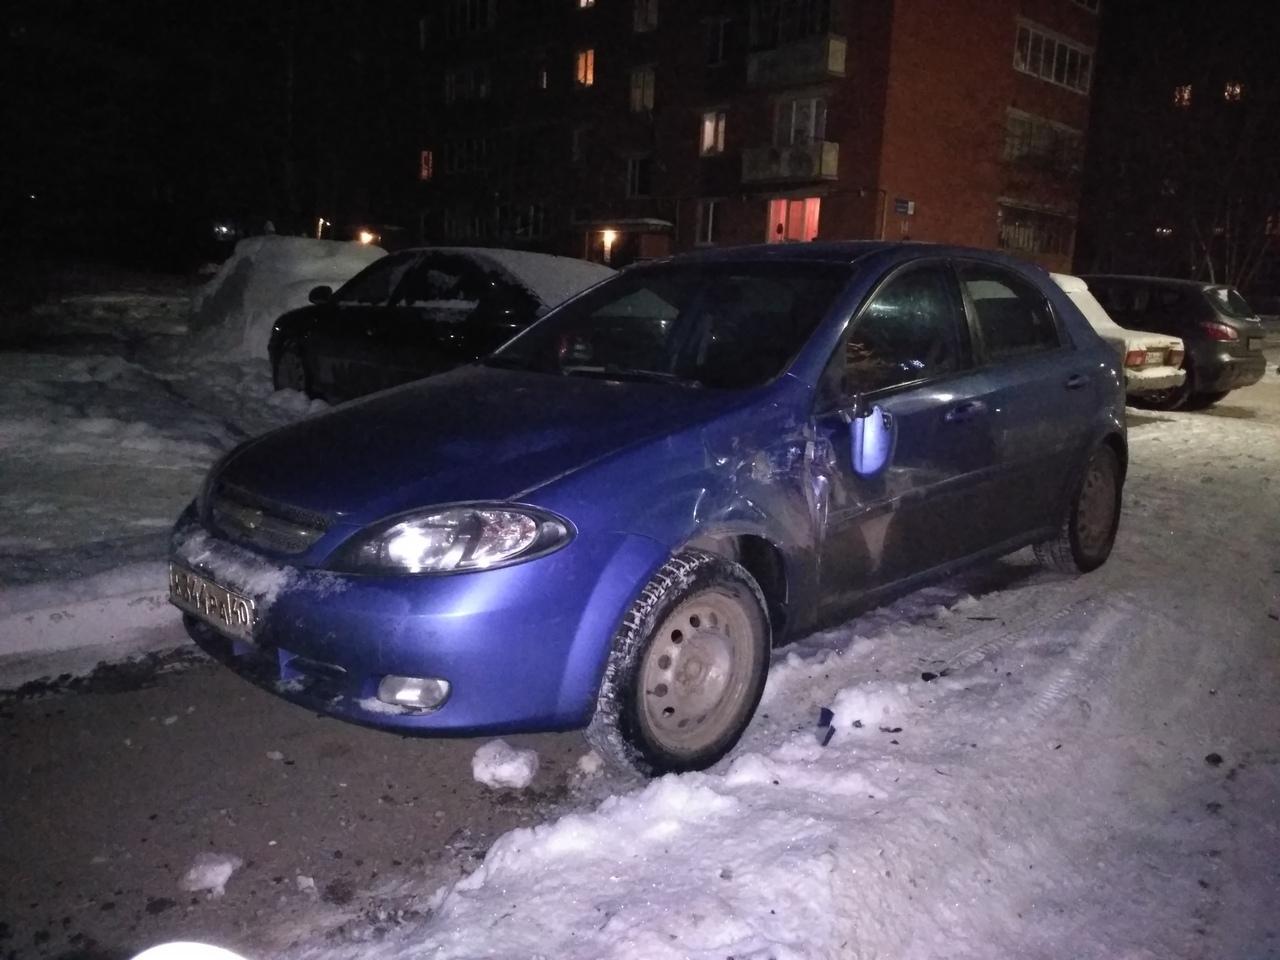 Столкновение в припаркованный автомобиль